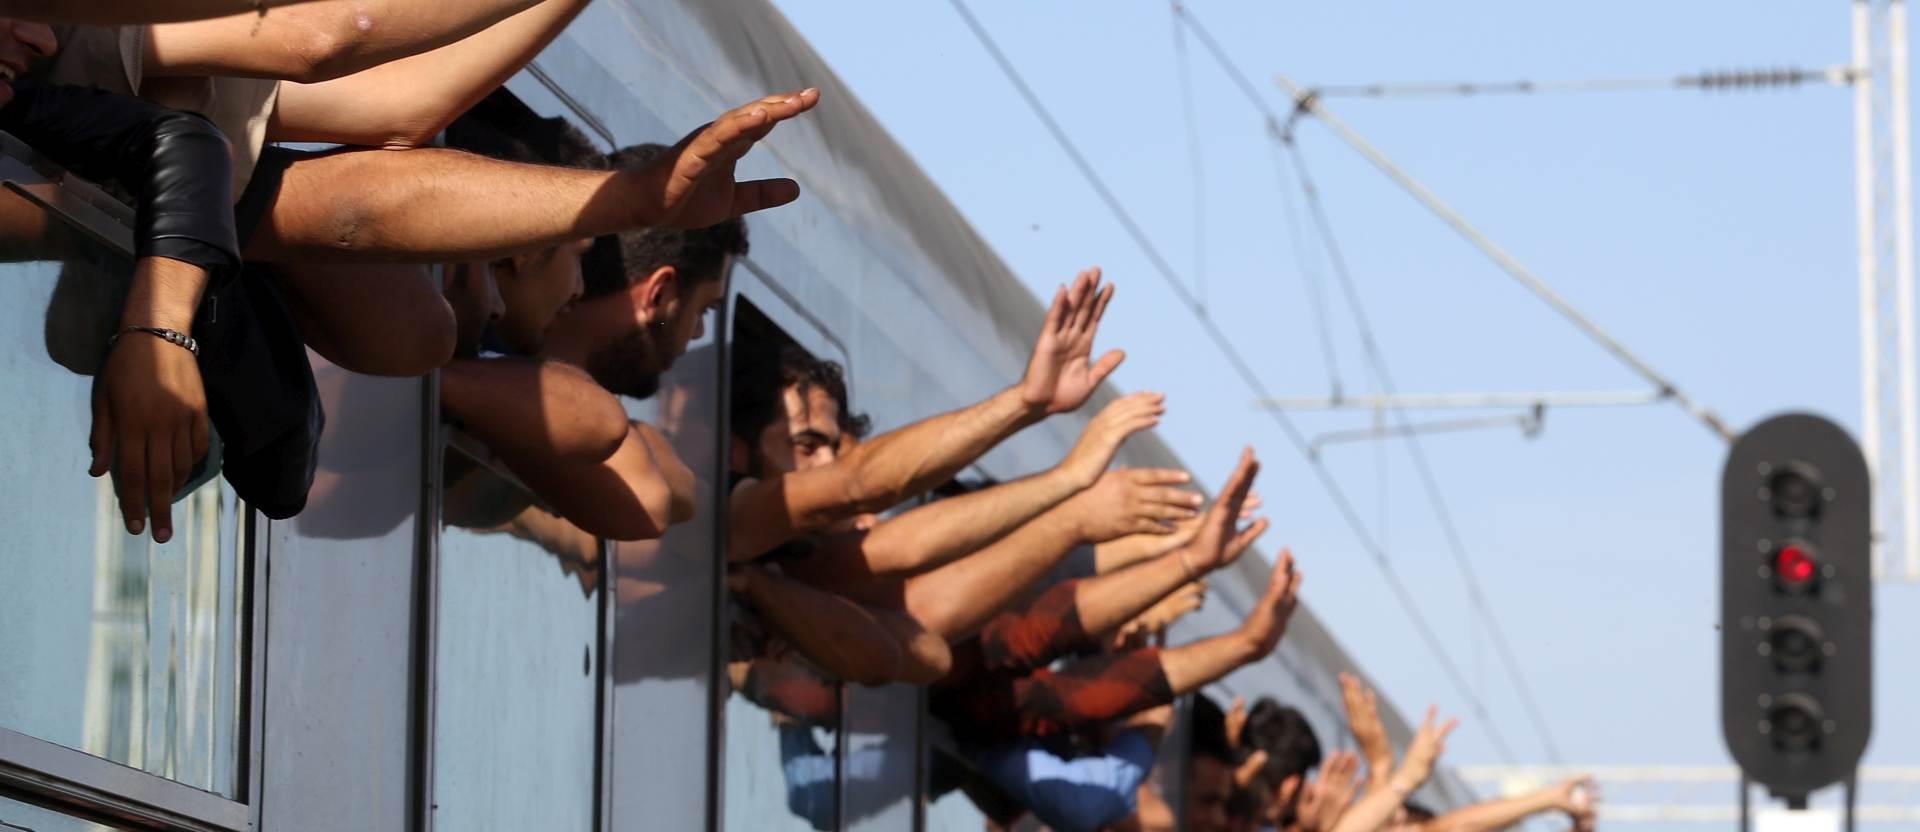 DEZINFORMACIJE: MUP demantira da se zbog emigranata povećava broj kaznenih djela